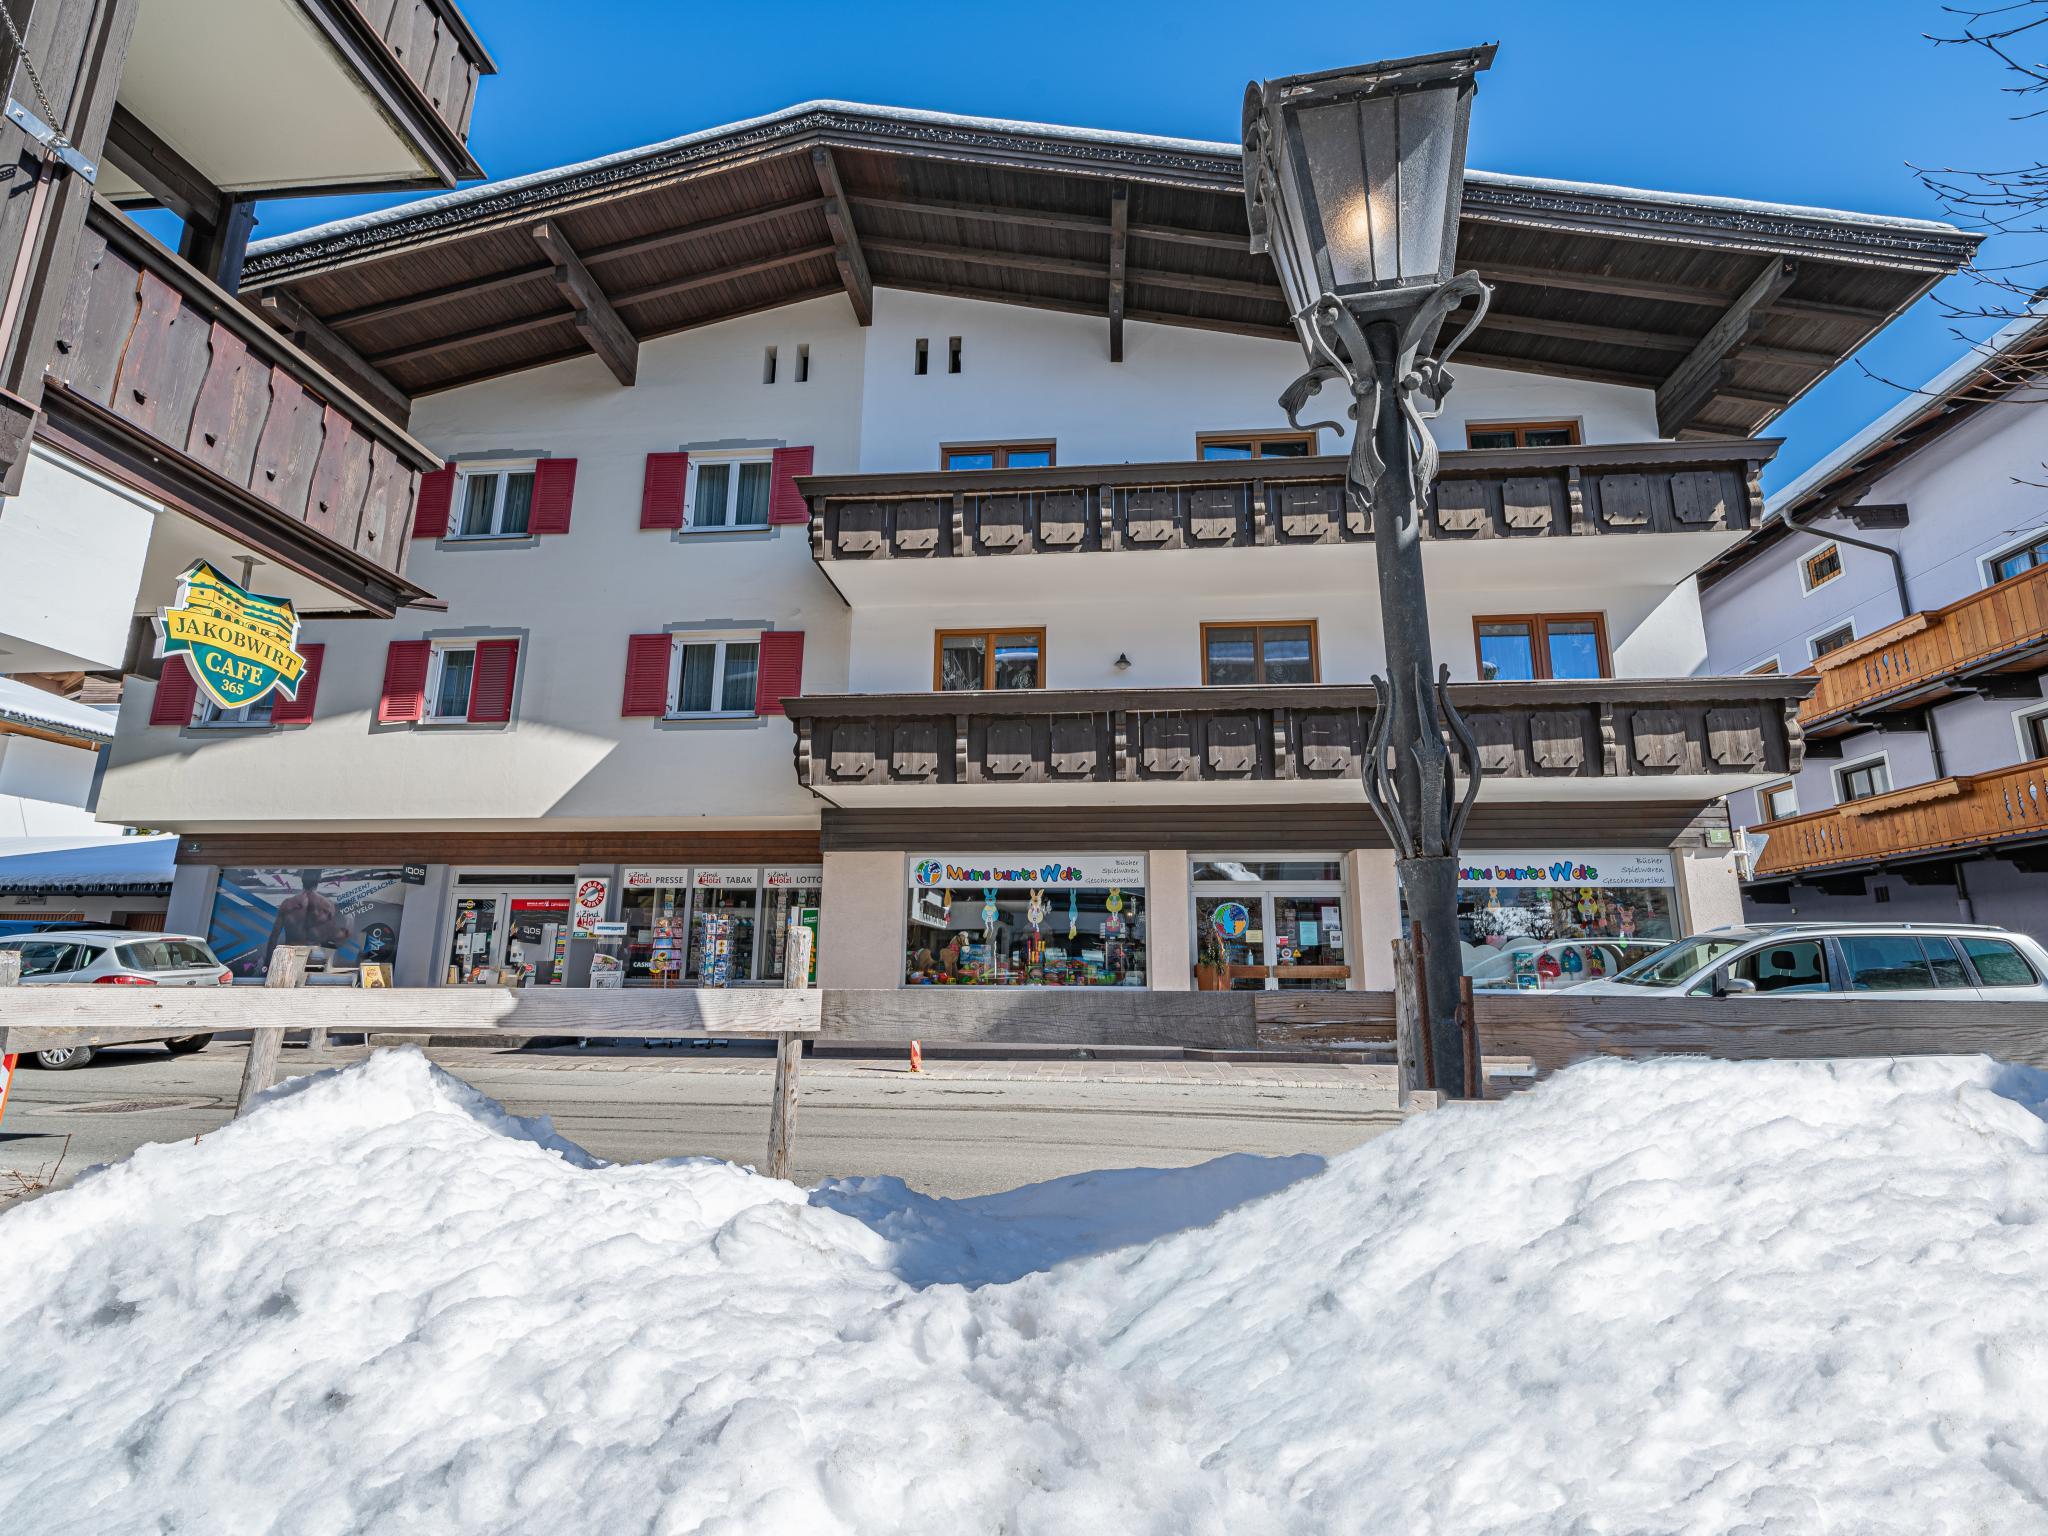 Penthouse Janita Tirol